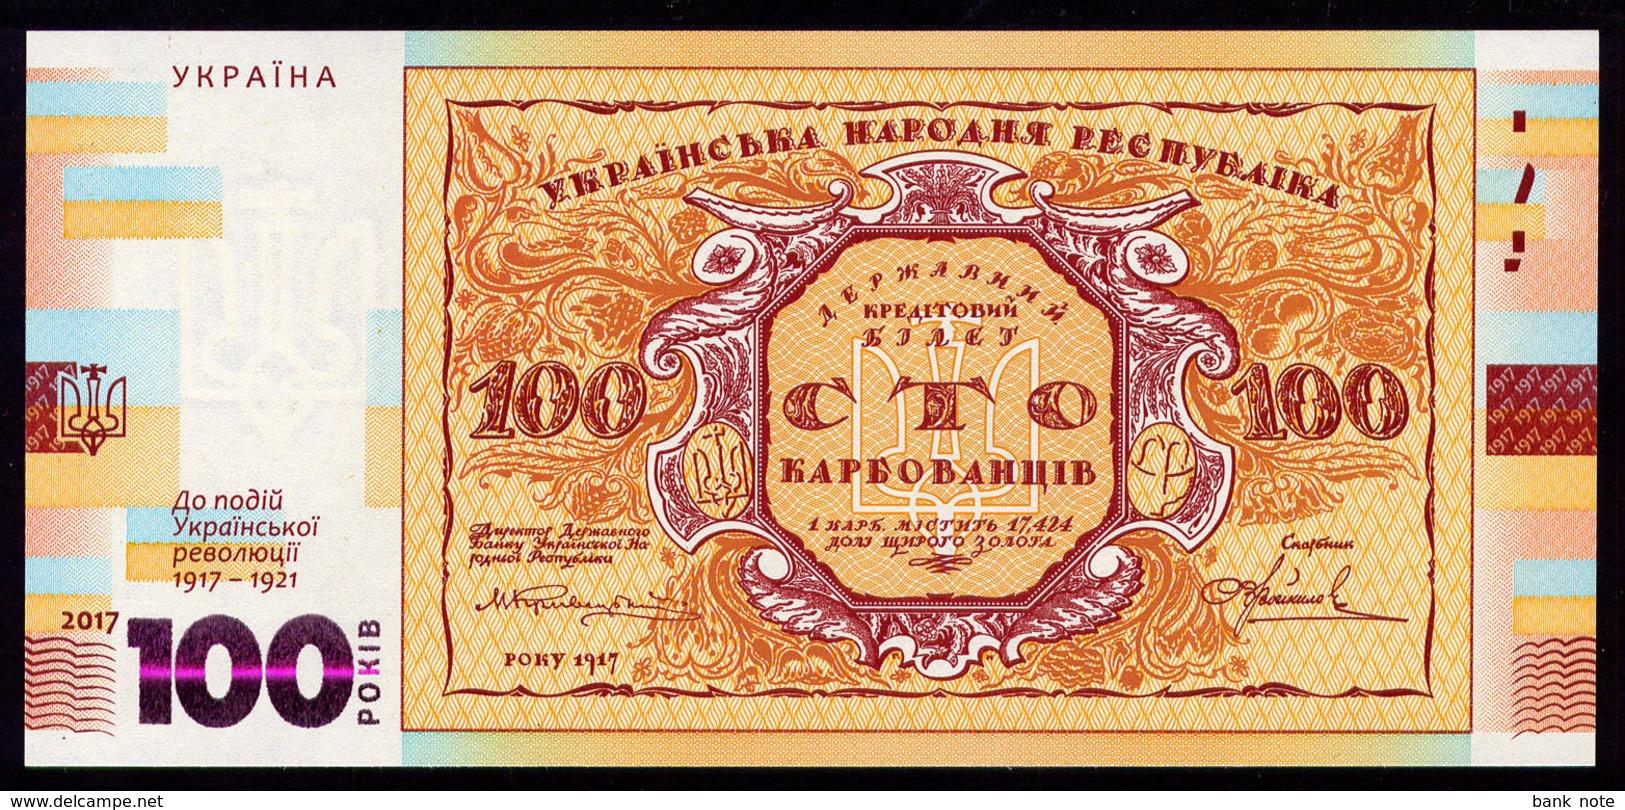 UKRAINE NATIONAL BANK OF UKRAINE COMMEMORATEIVE BILL 100 KARBOVANTSIV 2017 Unc - Ukraine